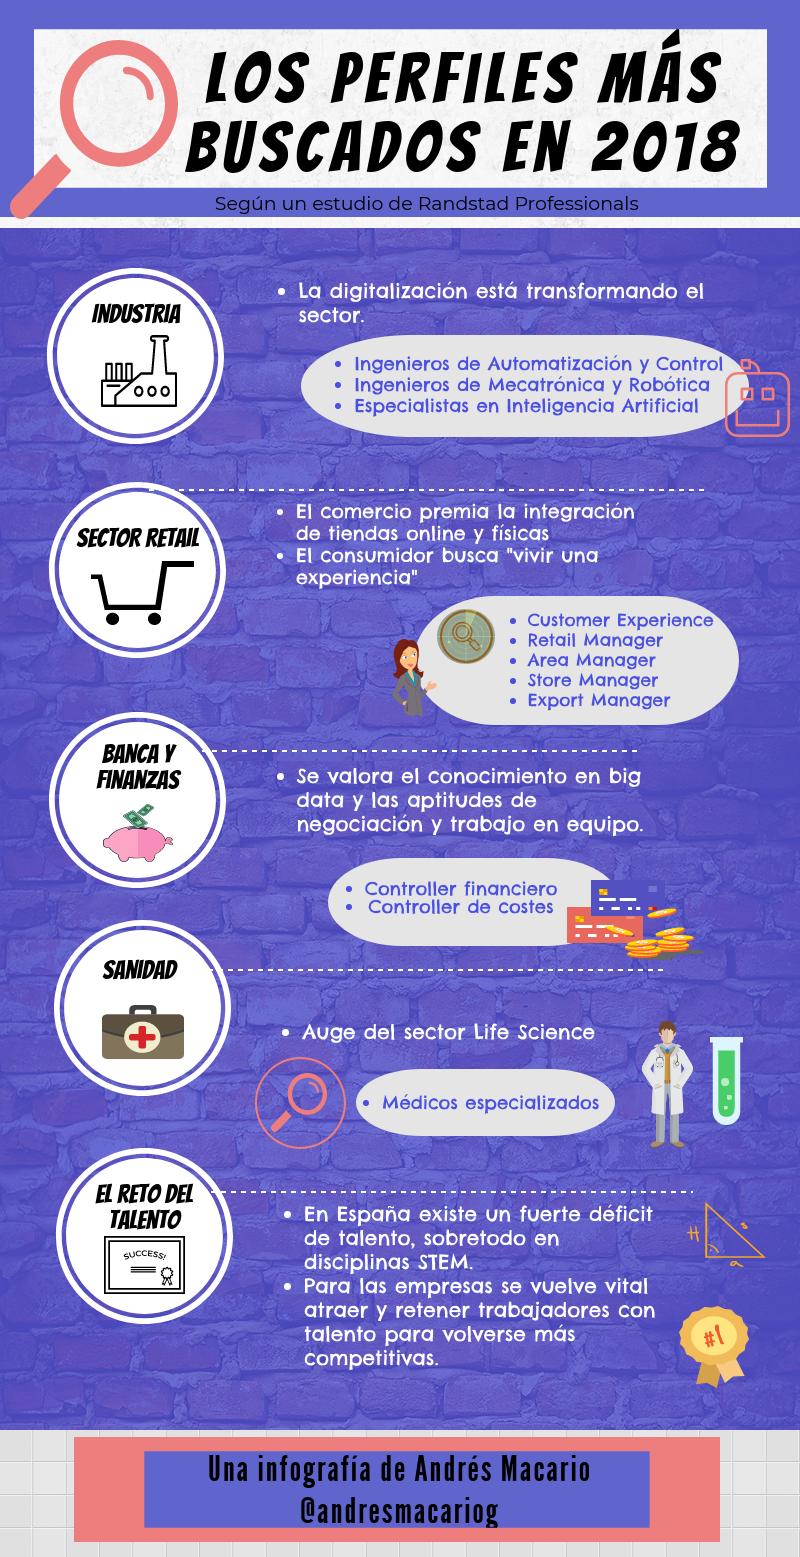 Perfiles más buscados en 2018 - infografía Andrés Macario